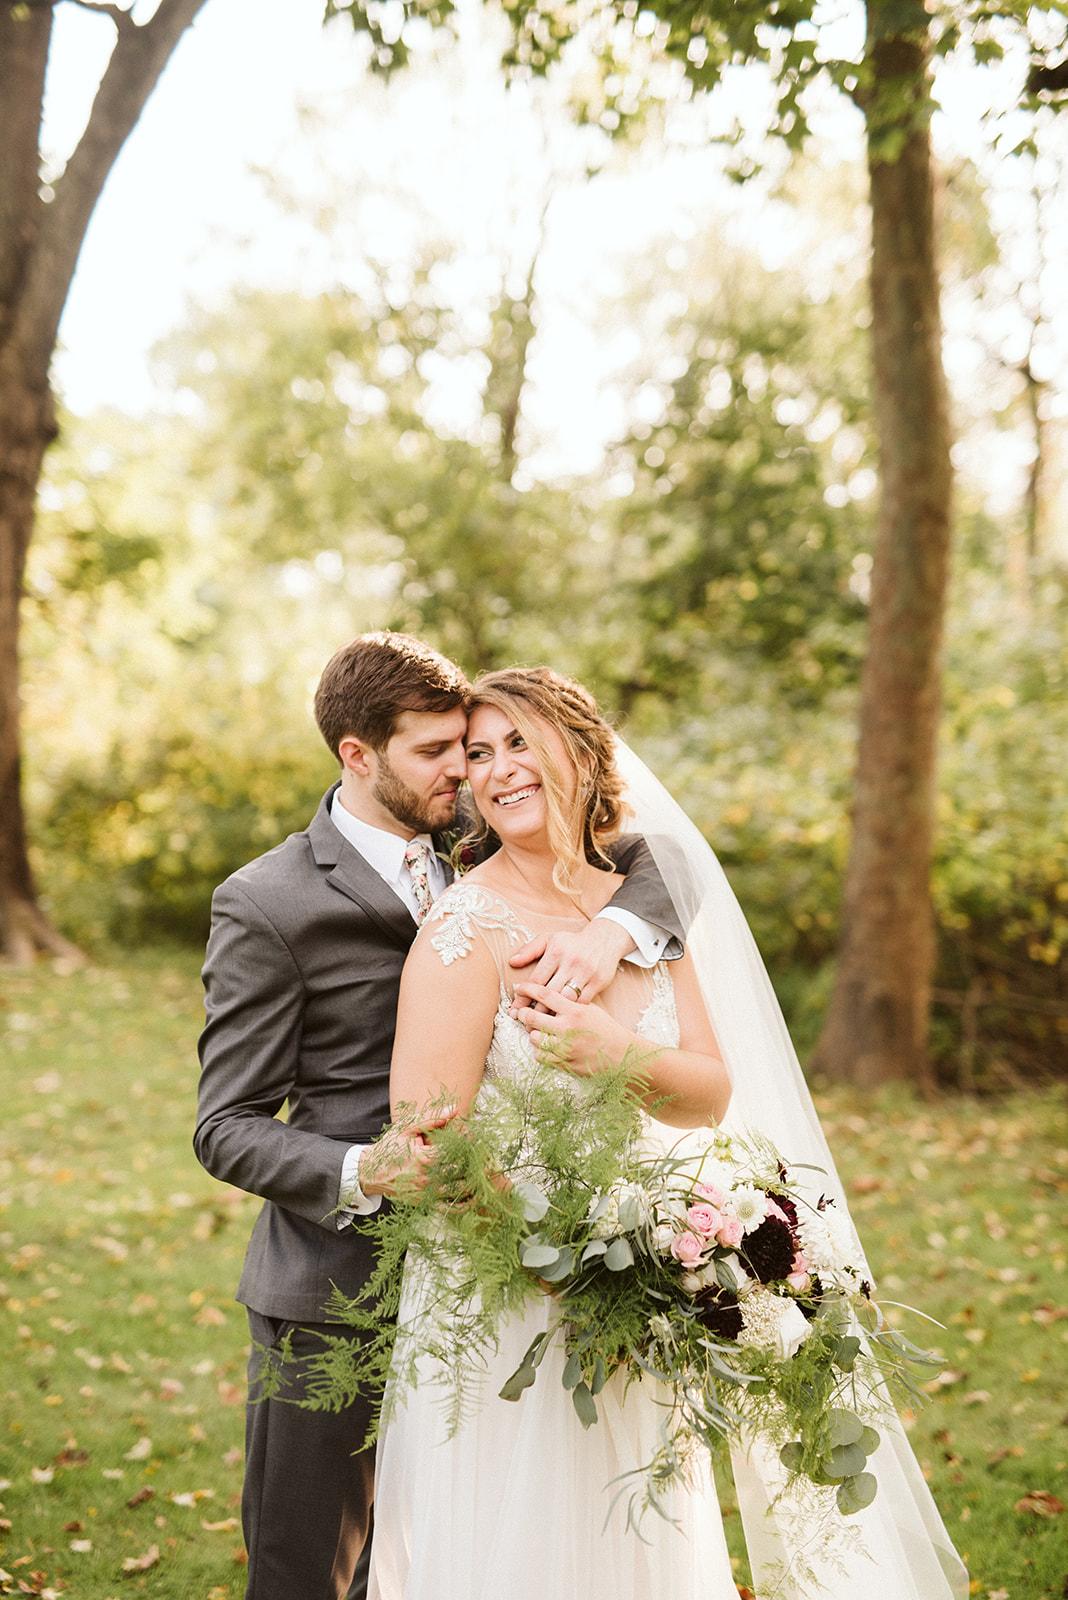 Anthony Wayne House Wedding Photographer